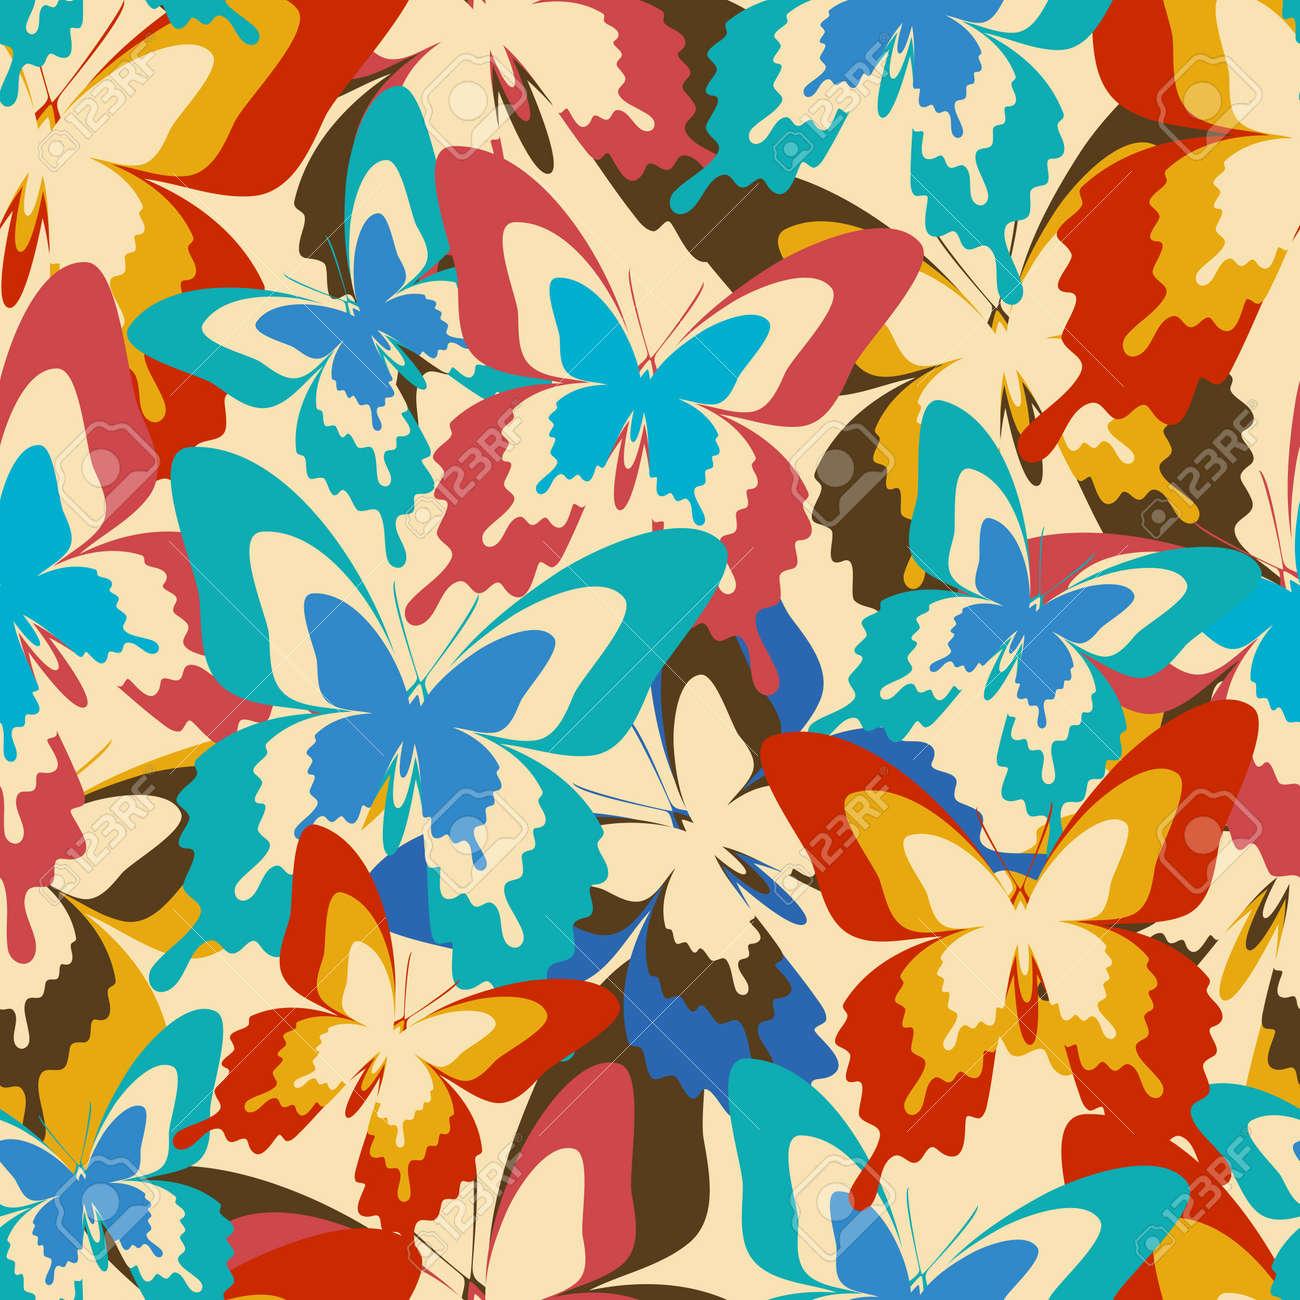 美しい背景ヴィンテージやレトロなスタイルのカラフルな蝶の飛翔と